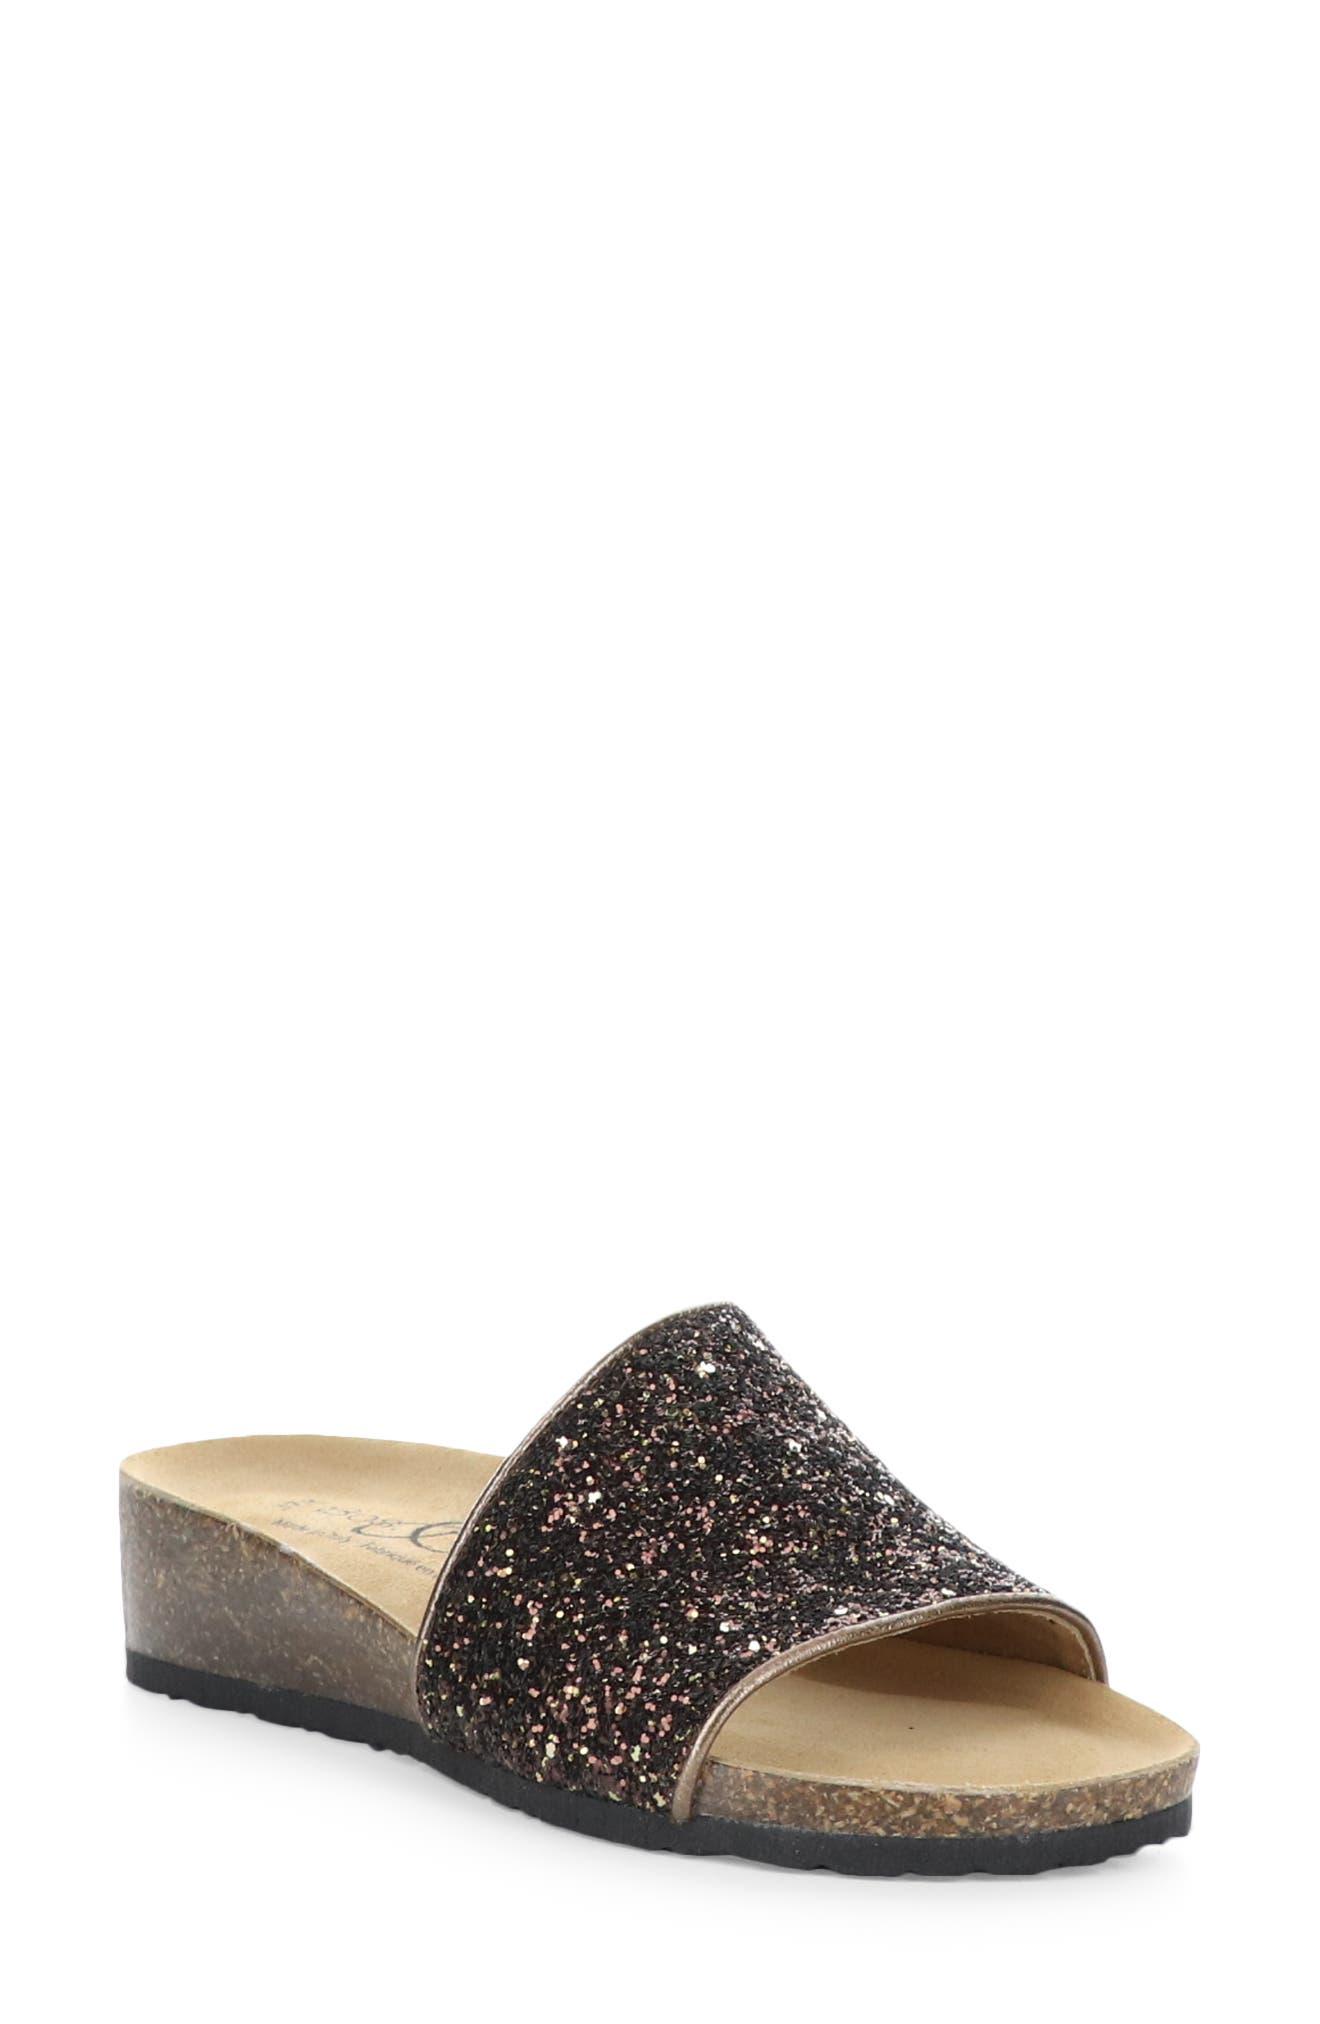 Glux Glitter Slide Sandal